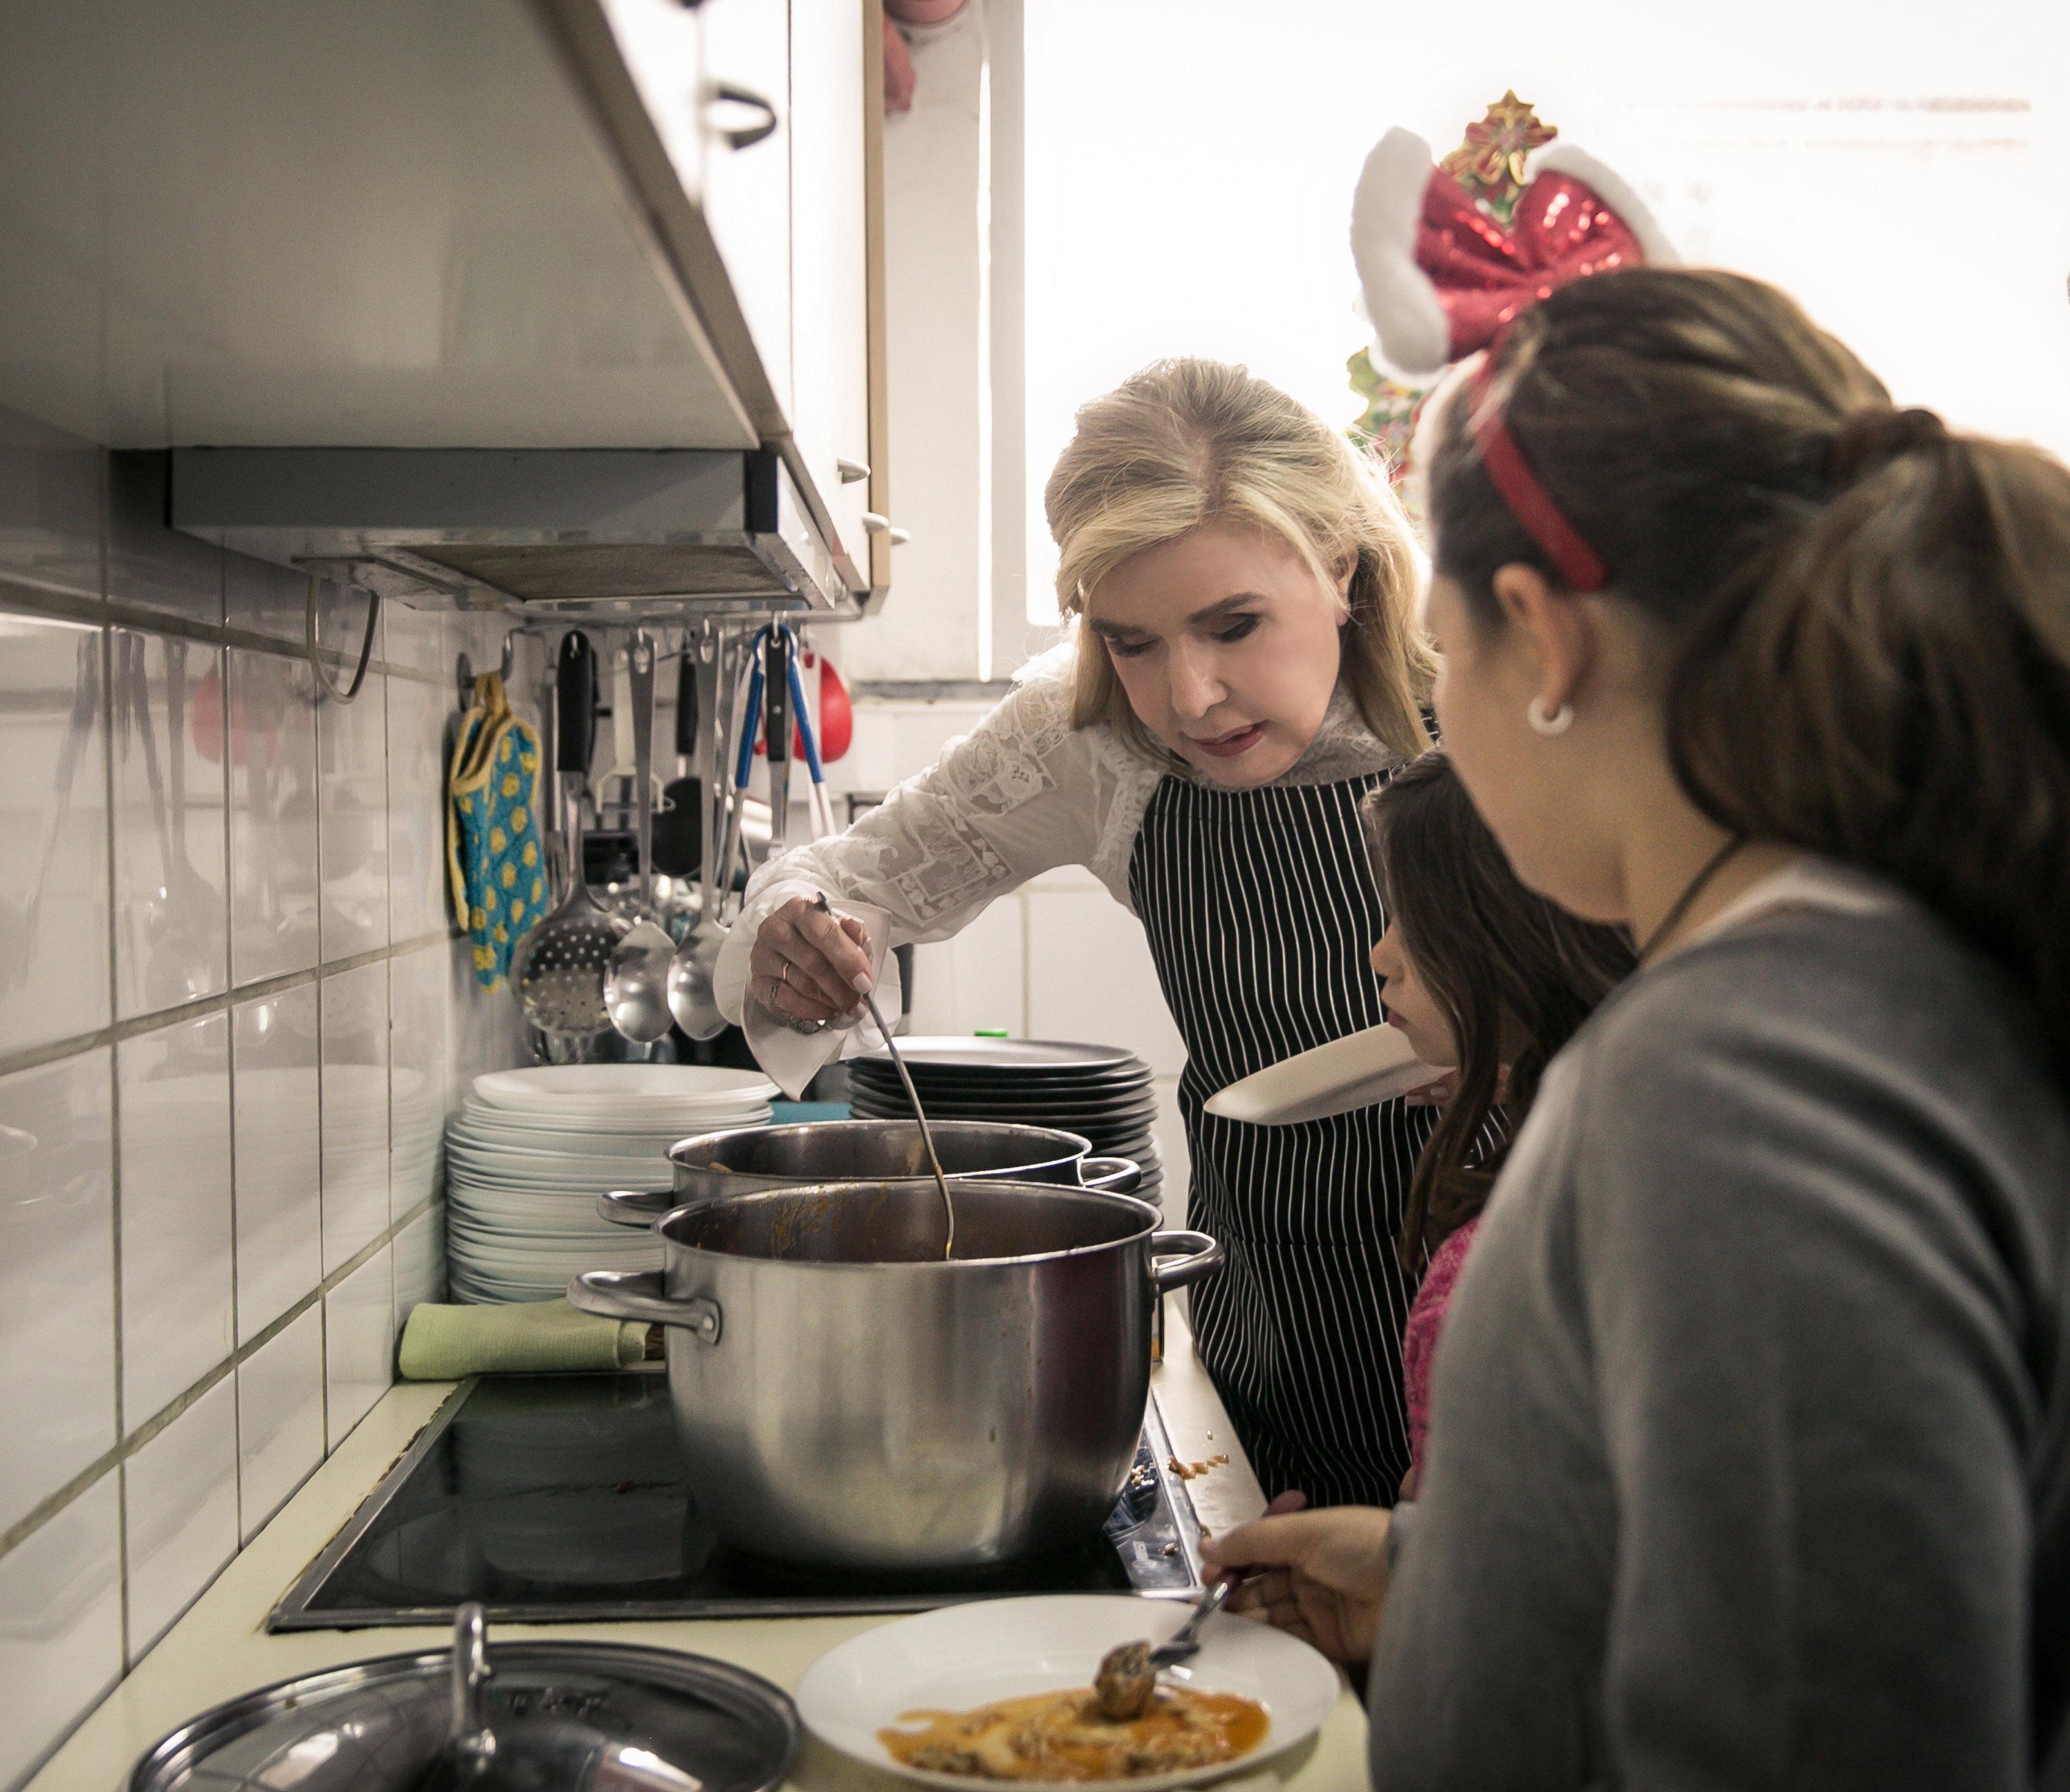 Μαριάννα Βαρδινογιάννη: Το ζεστό γεύμα αγάπης που ετοίμασε για τα παιδιά της Νίκαιας! [pics] | tlife.gr